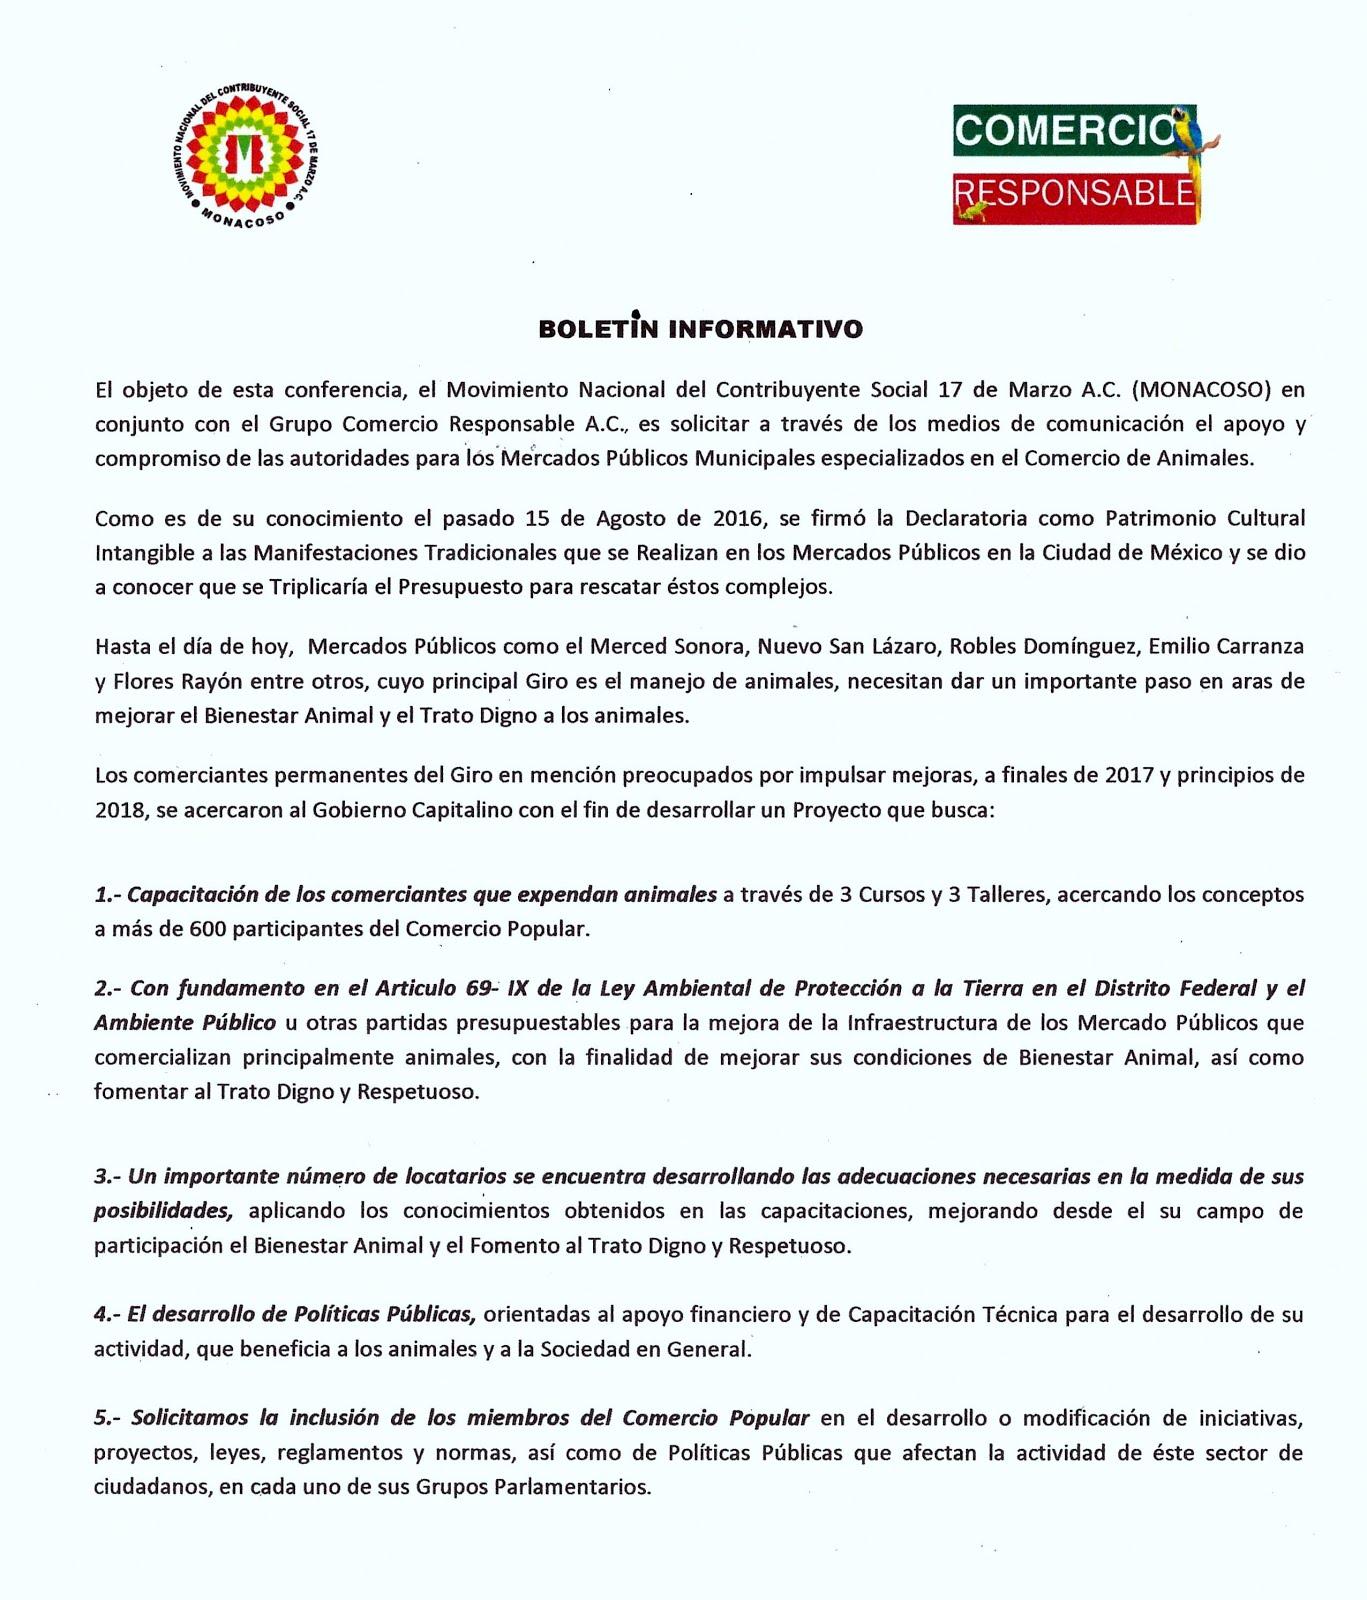 BOLETÍN DE MONACOSO 17 DE MARZO A.C.